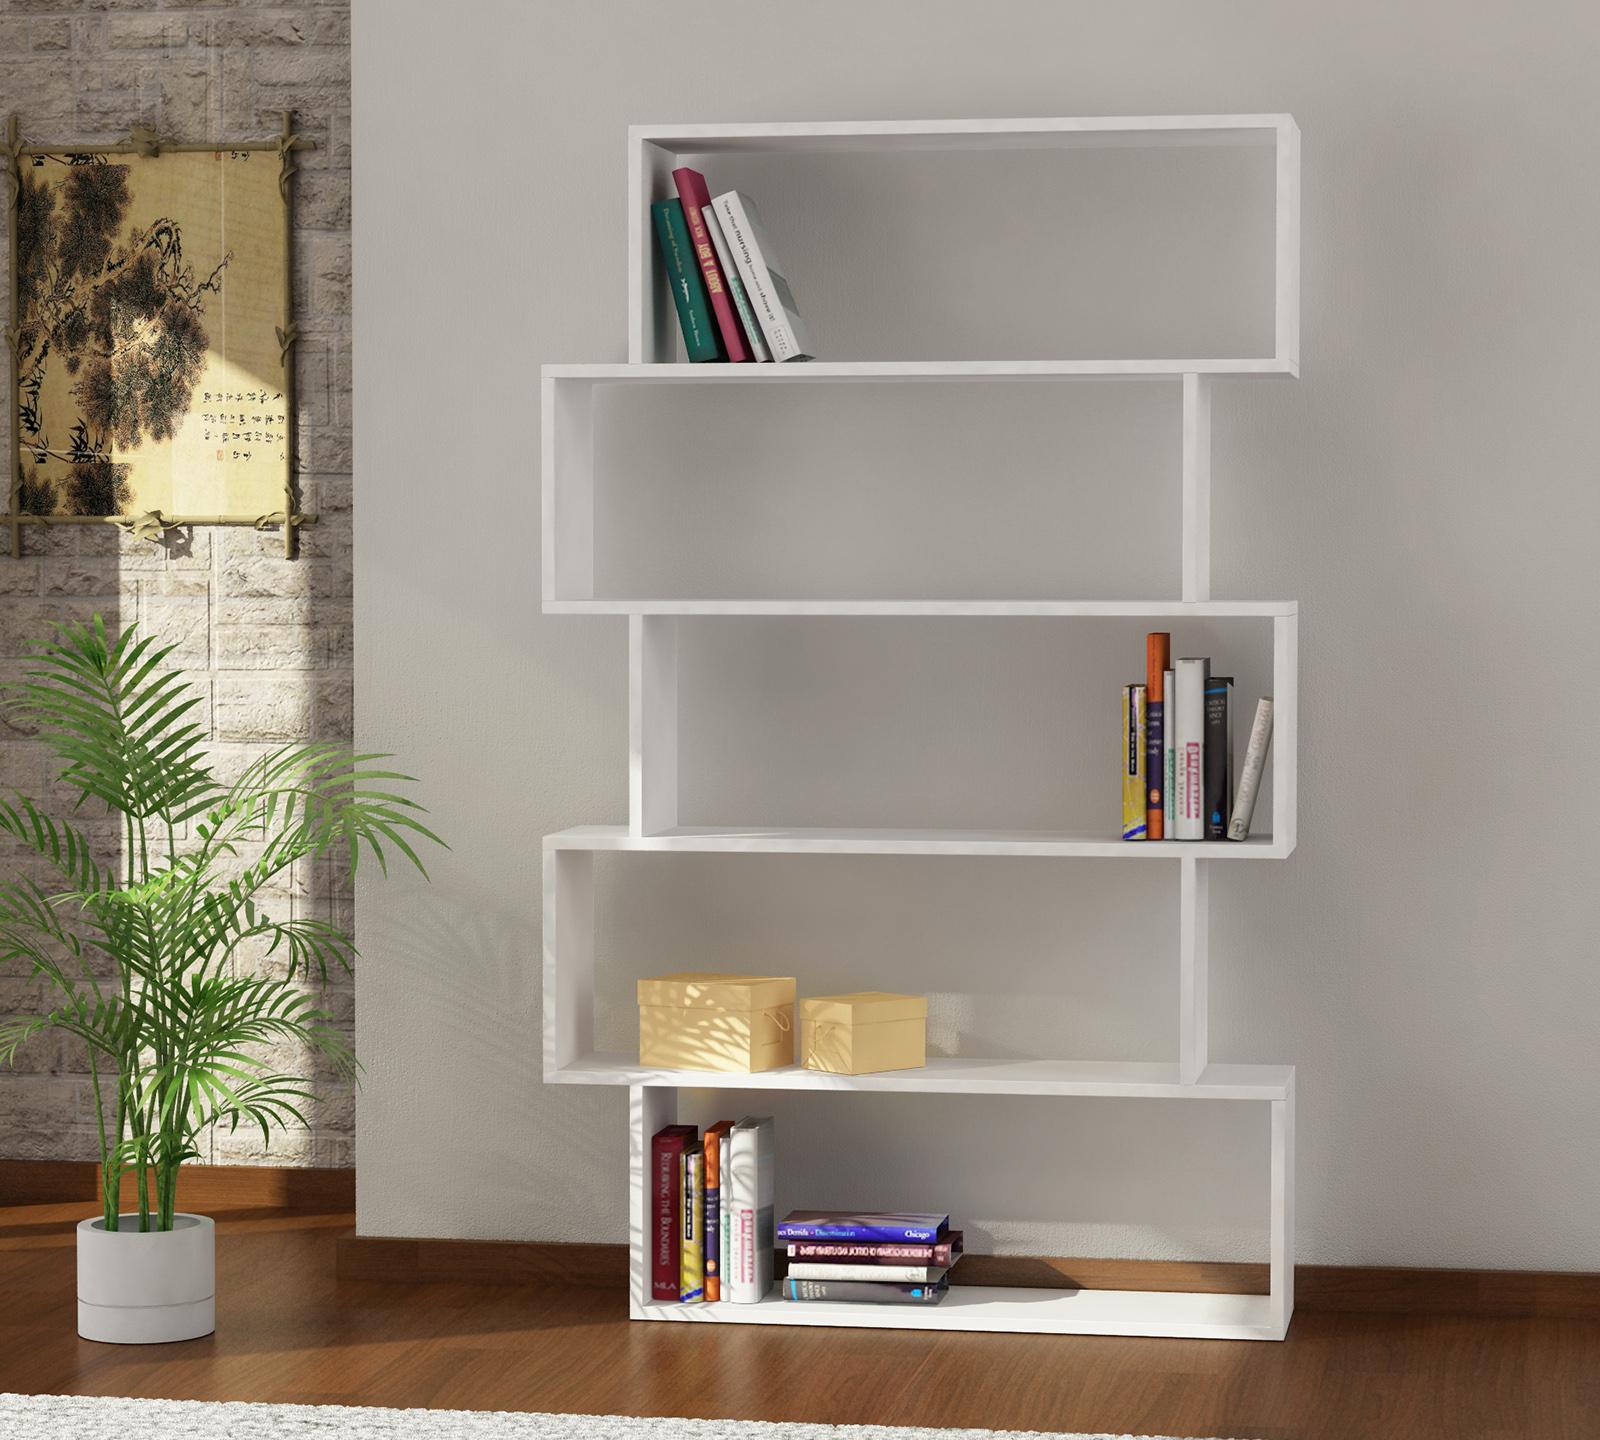 Libreria Kat in melaminico | Duzzle